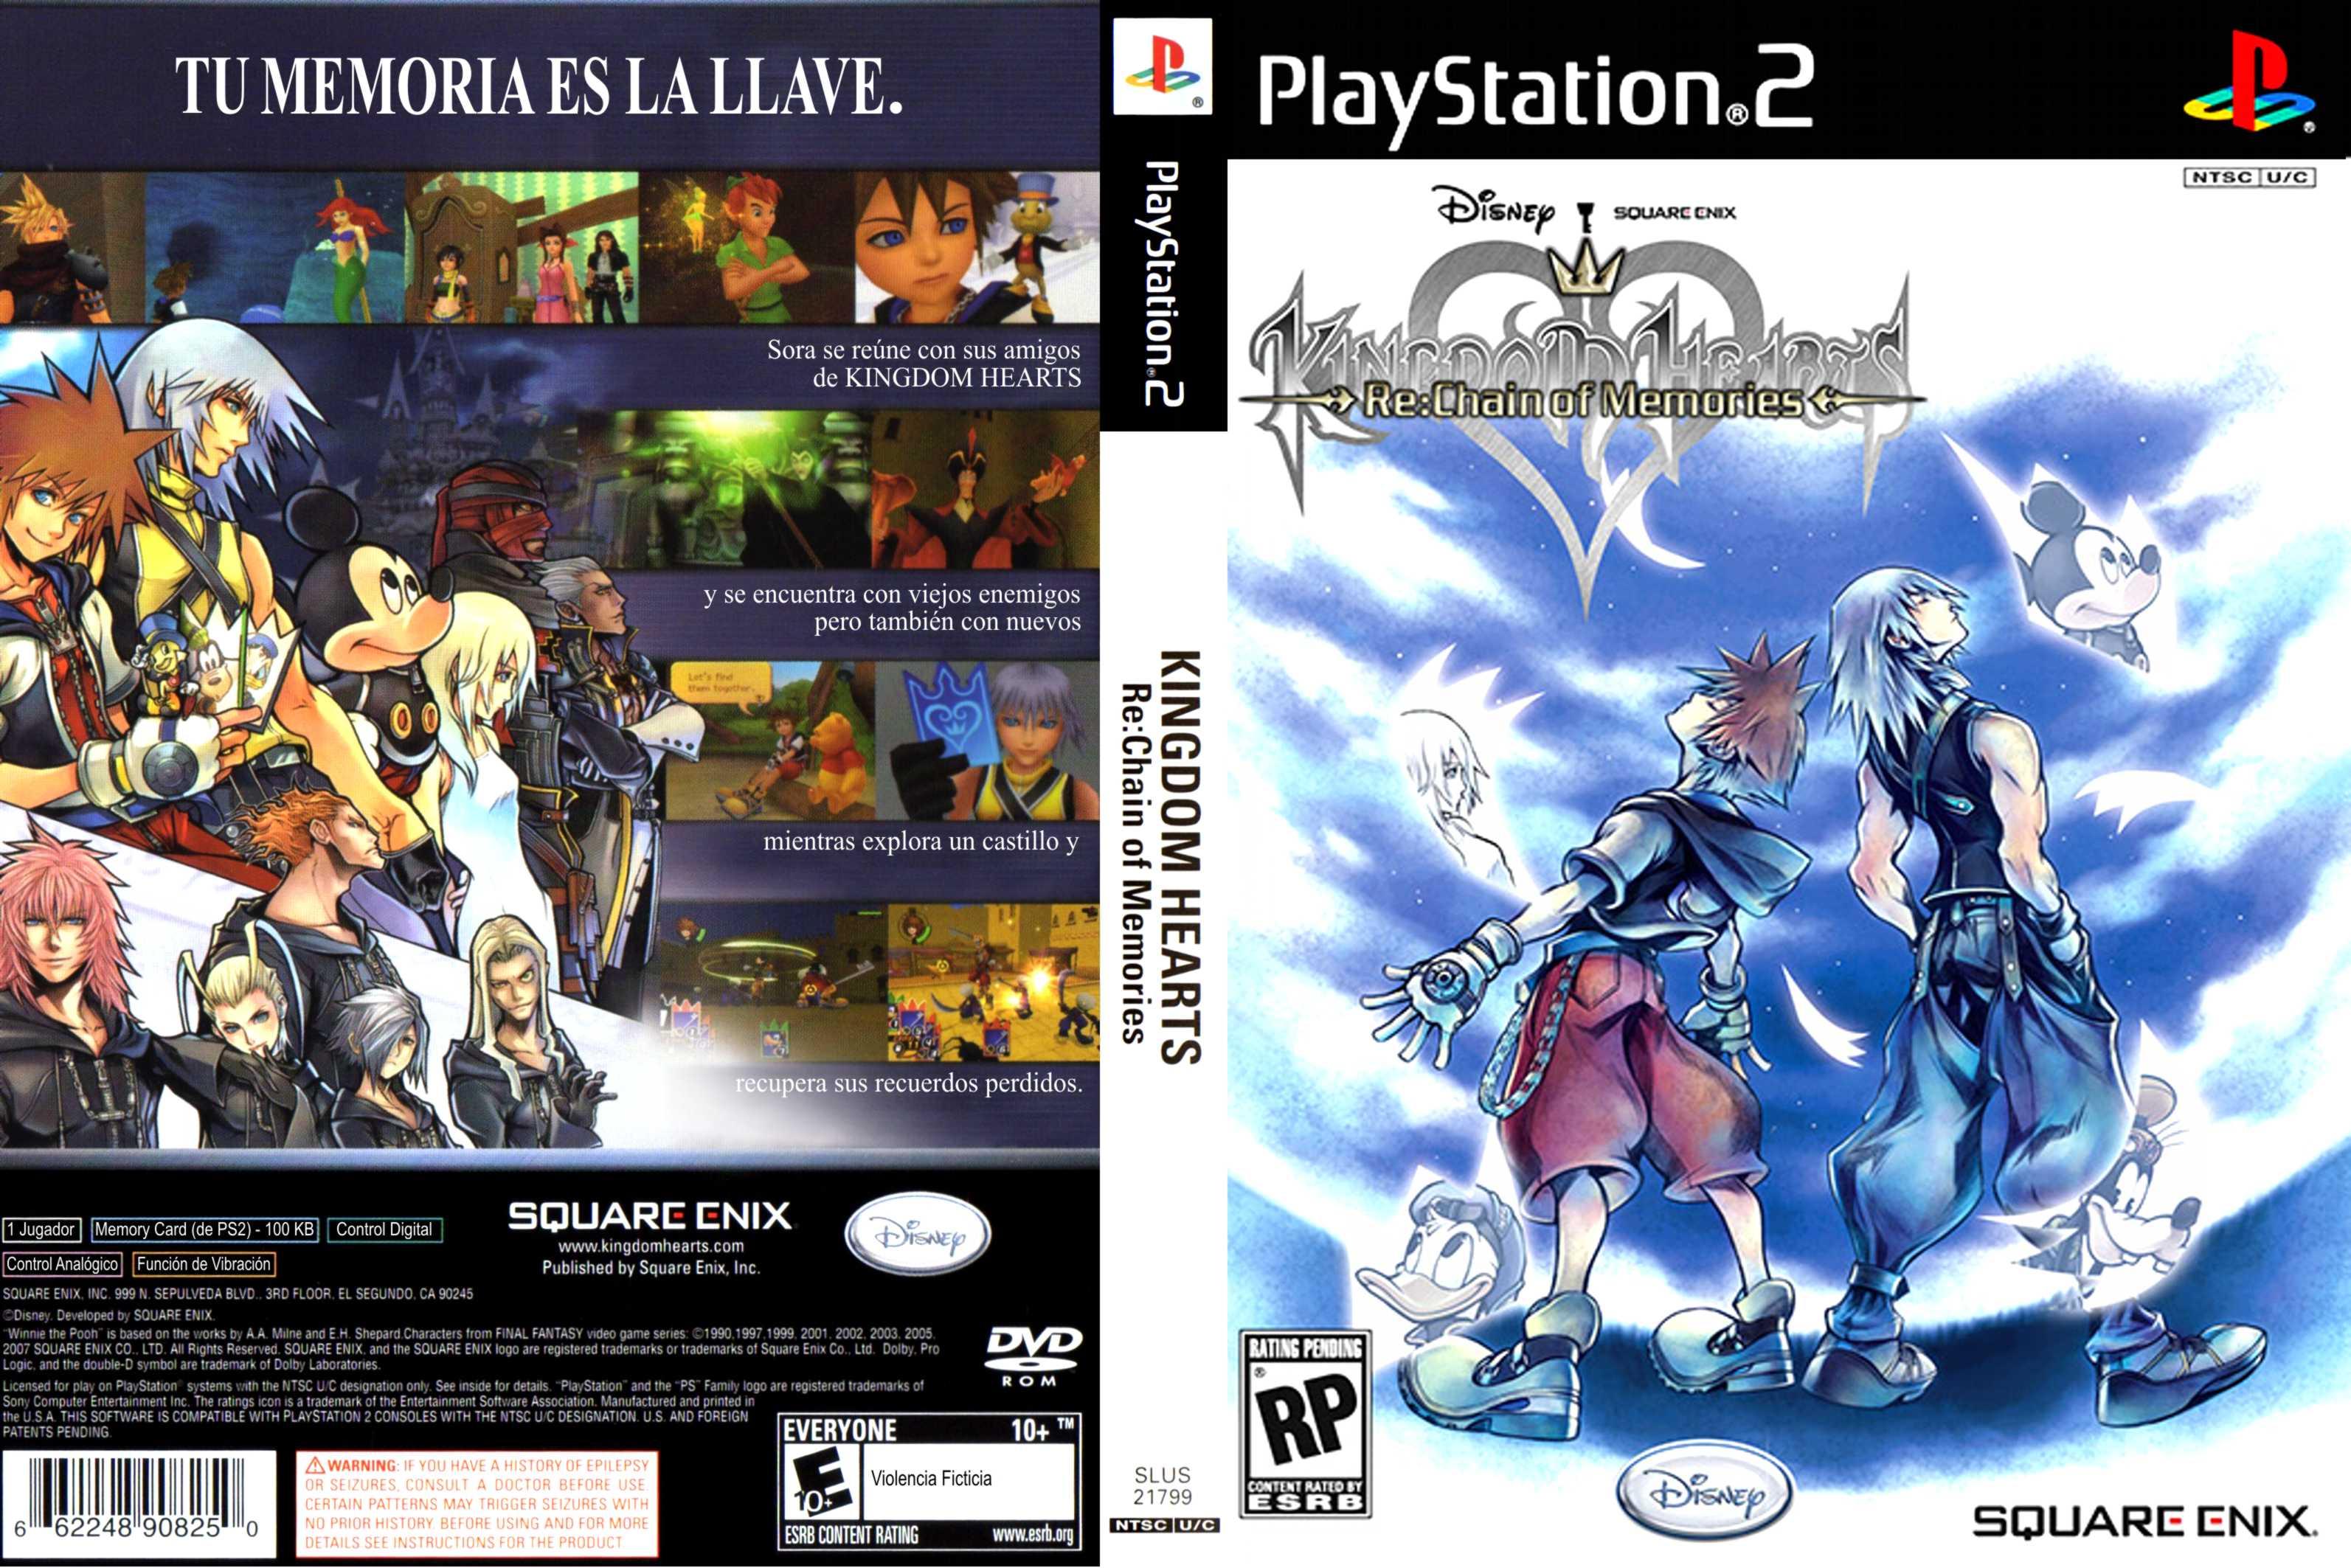 Platiniamo Kingdom Hearts Re Chain Of Memories 00 Carmelo 89